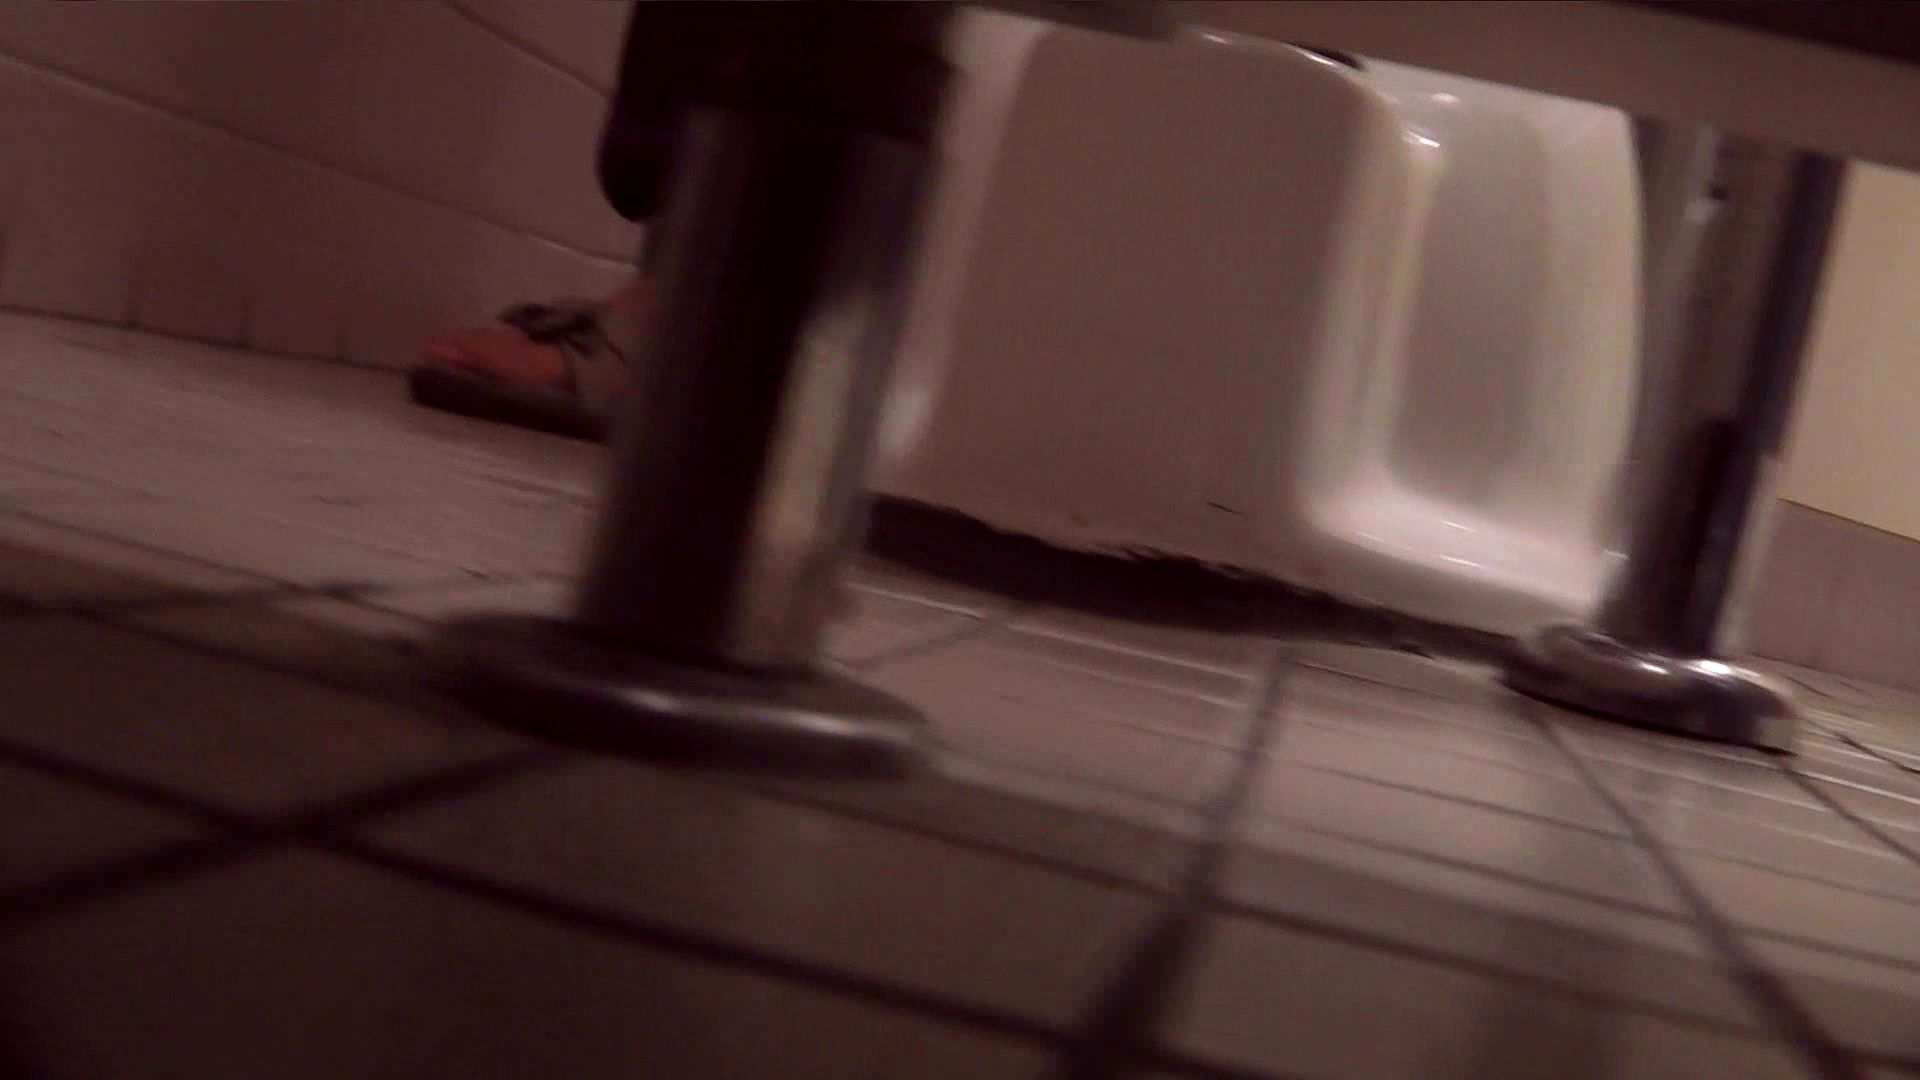 vol.16 命がけ潜伏洗面所! 美女たっぷり!! 美しいOLの裸体 オメコ動画キャプチャ 102pic 67